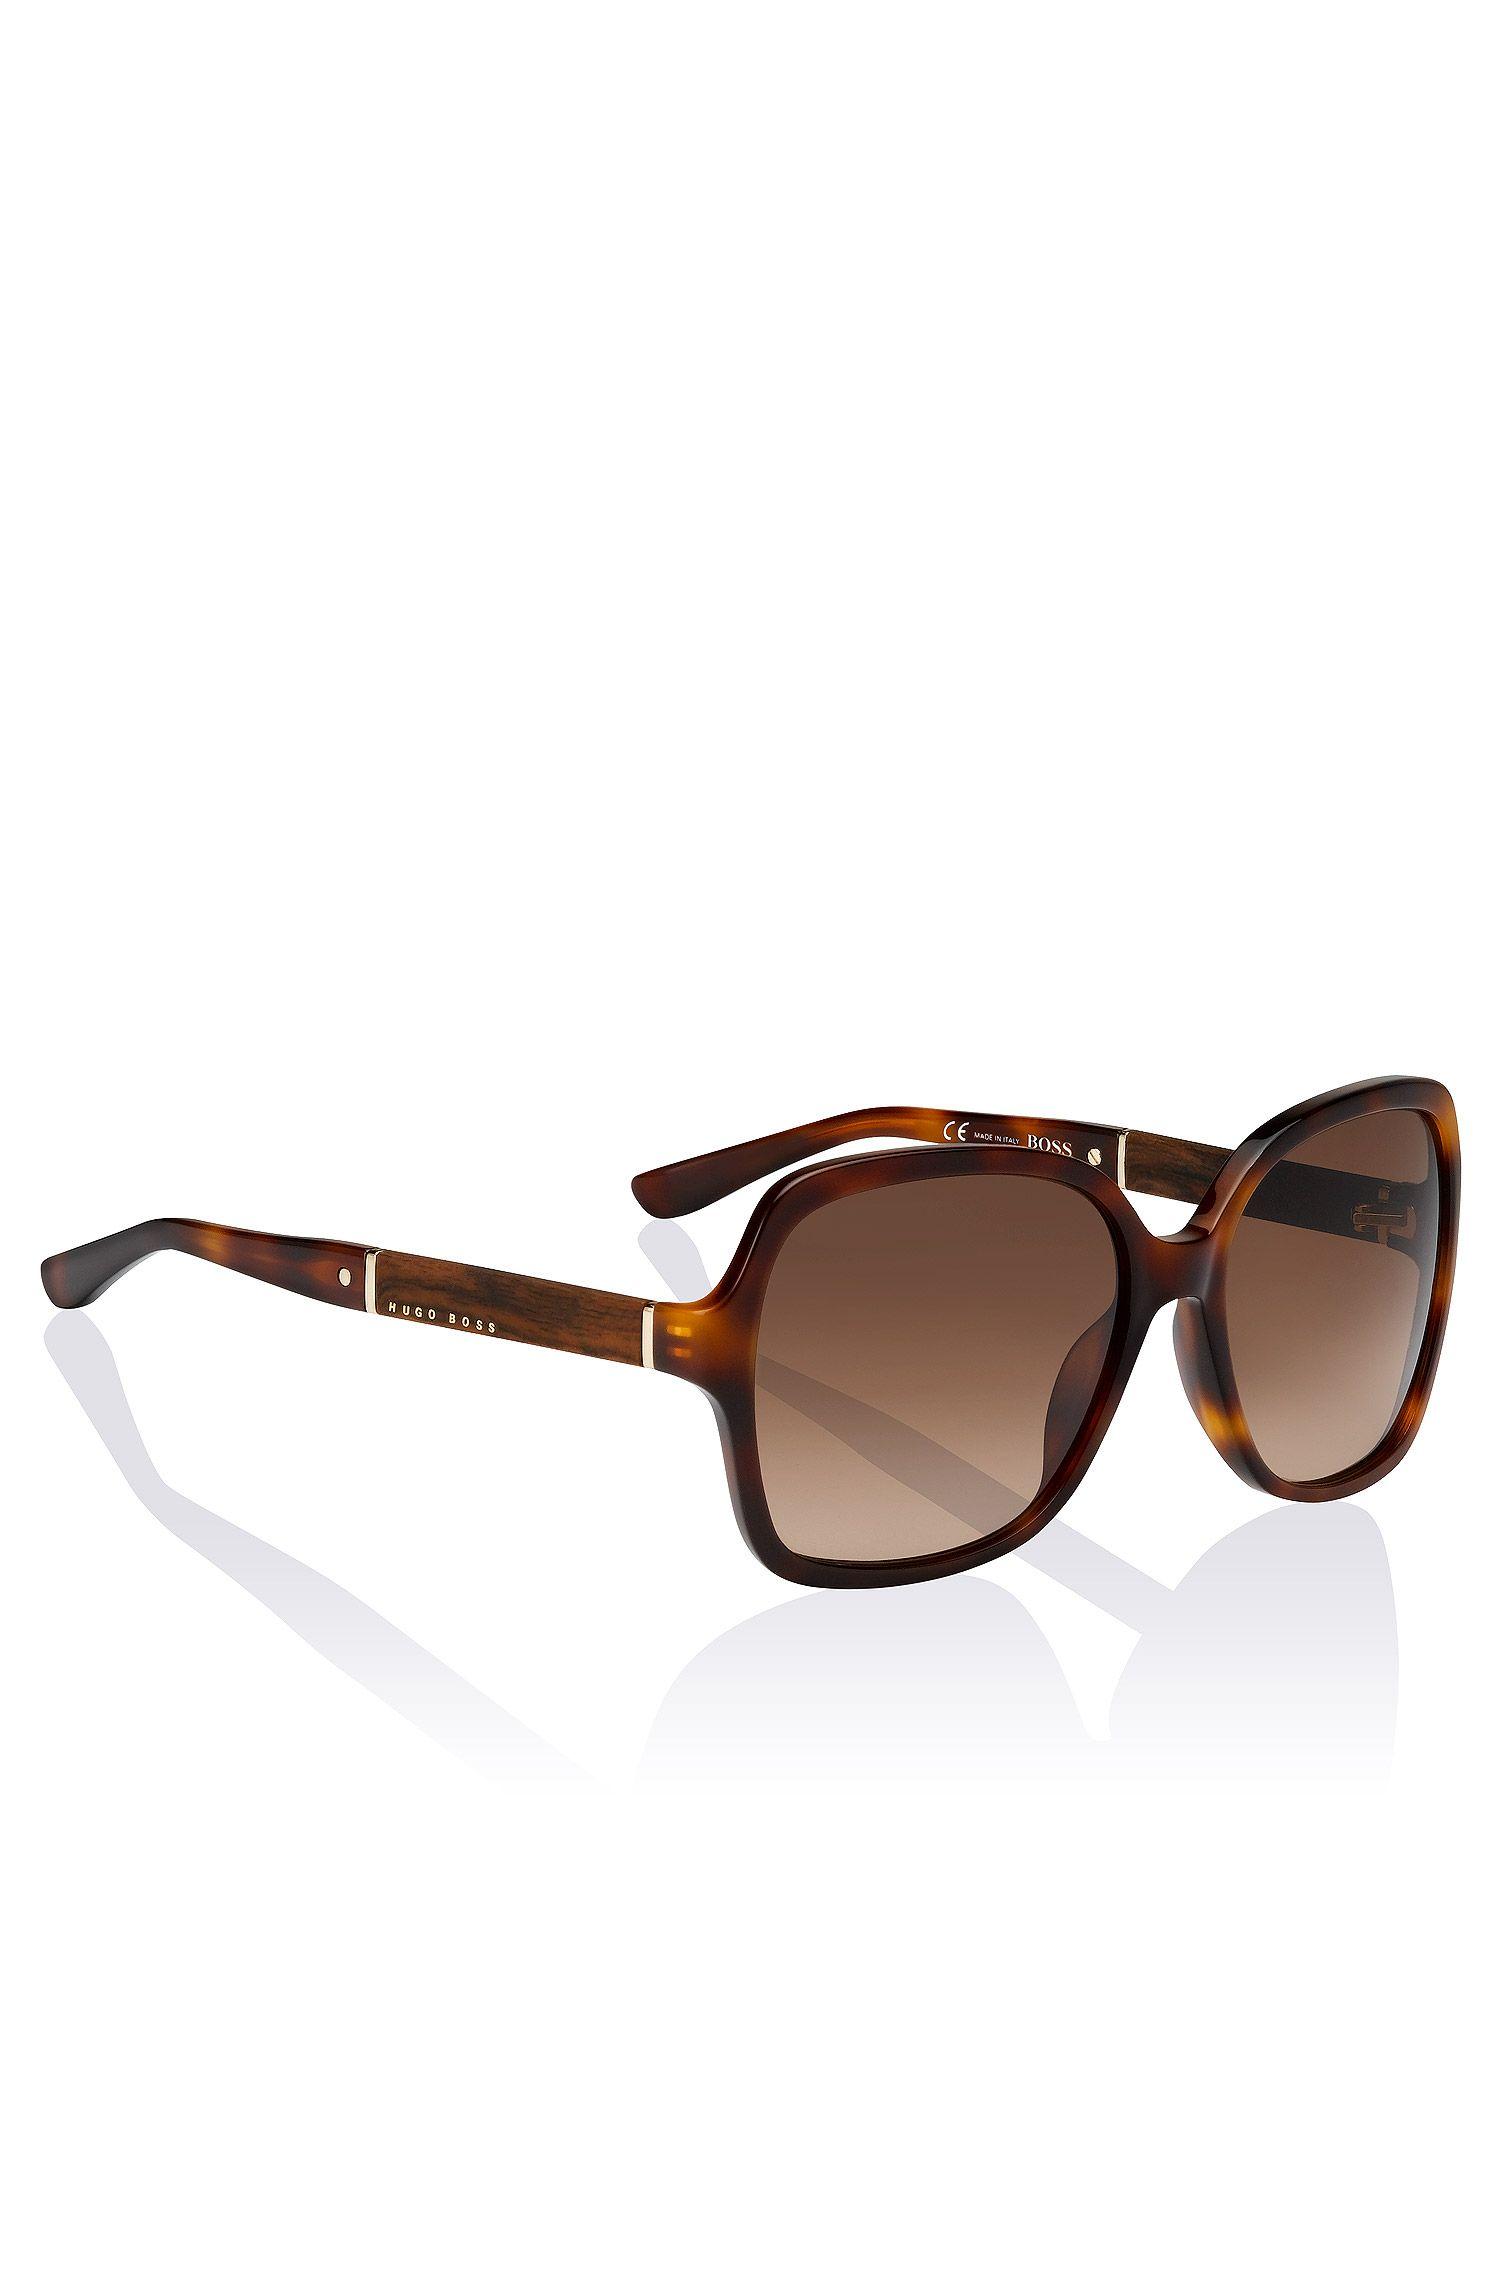 Sonnenbrille ´BOSS 0664/S` aus Acetat